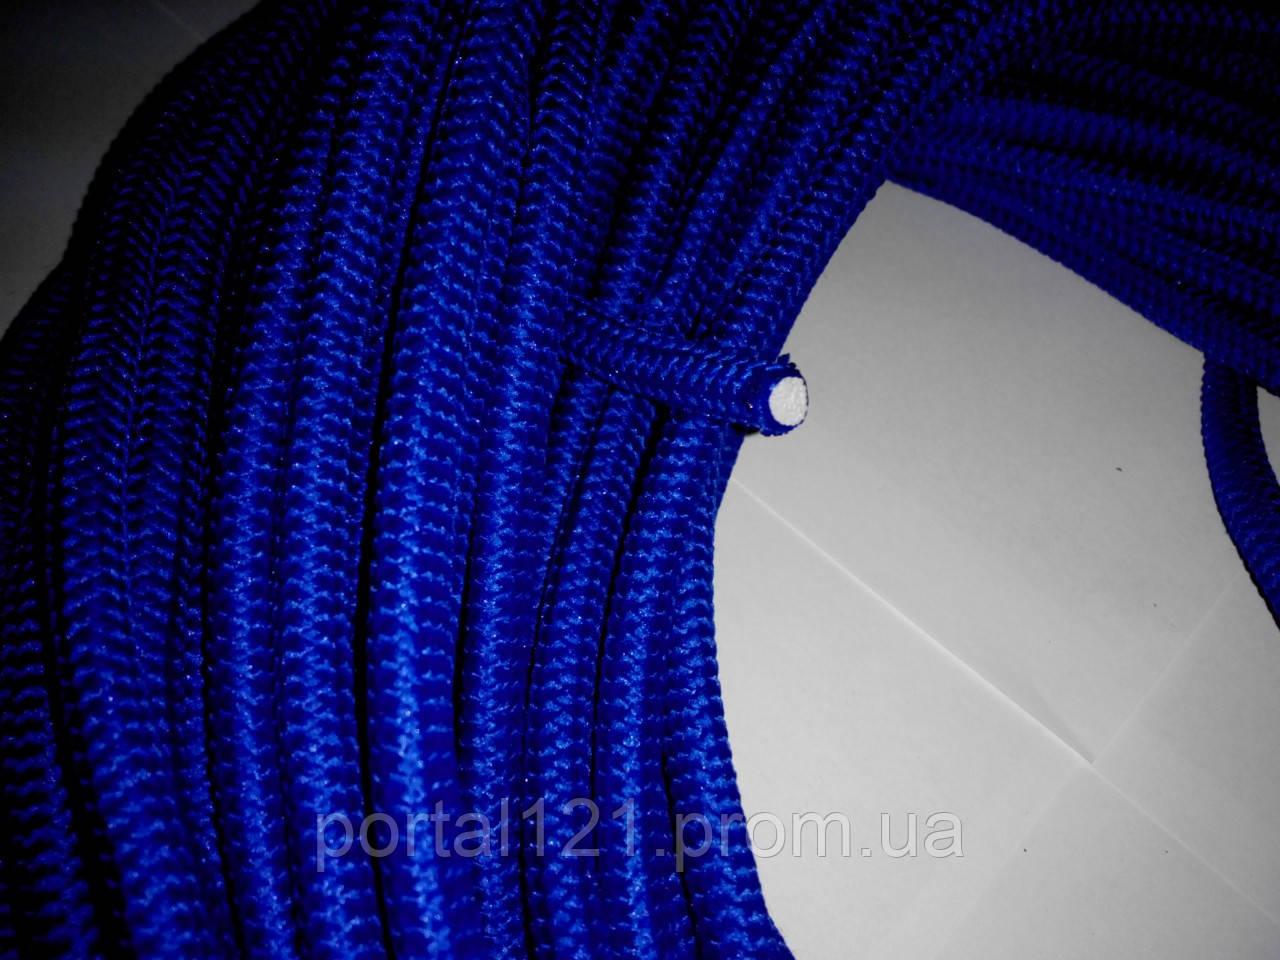 Эспандер 8 мм повышенной растяжимости синий